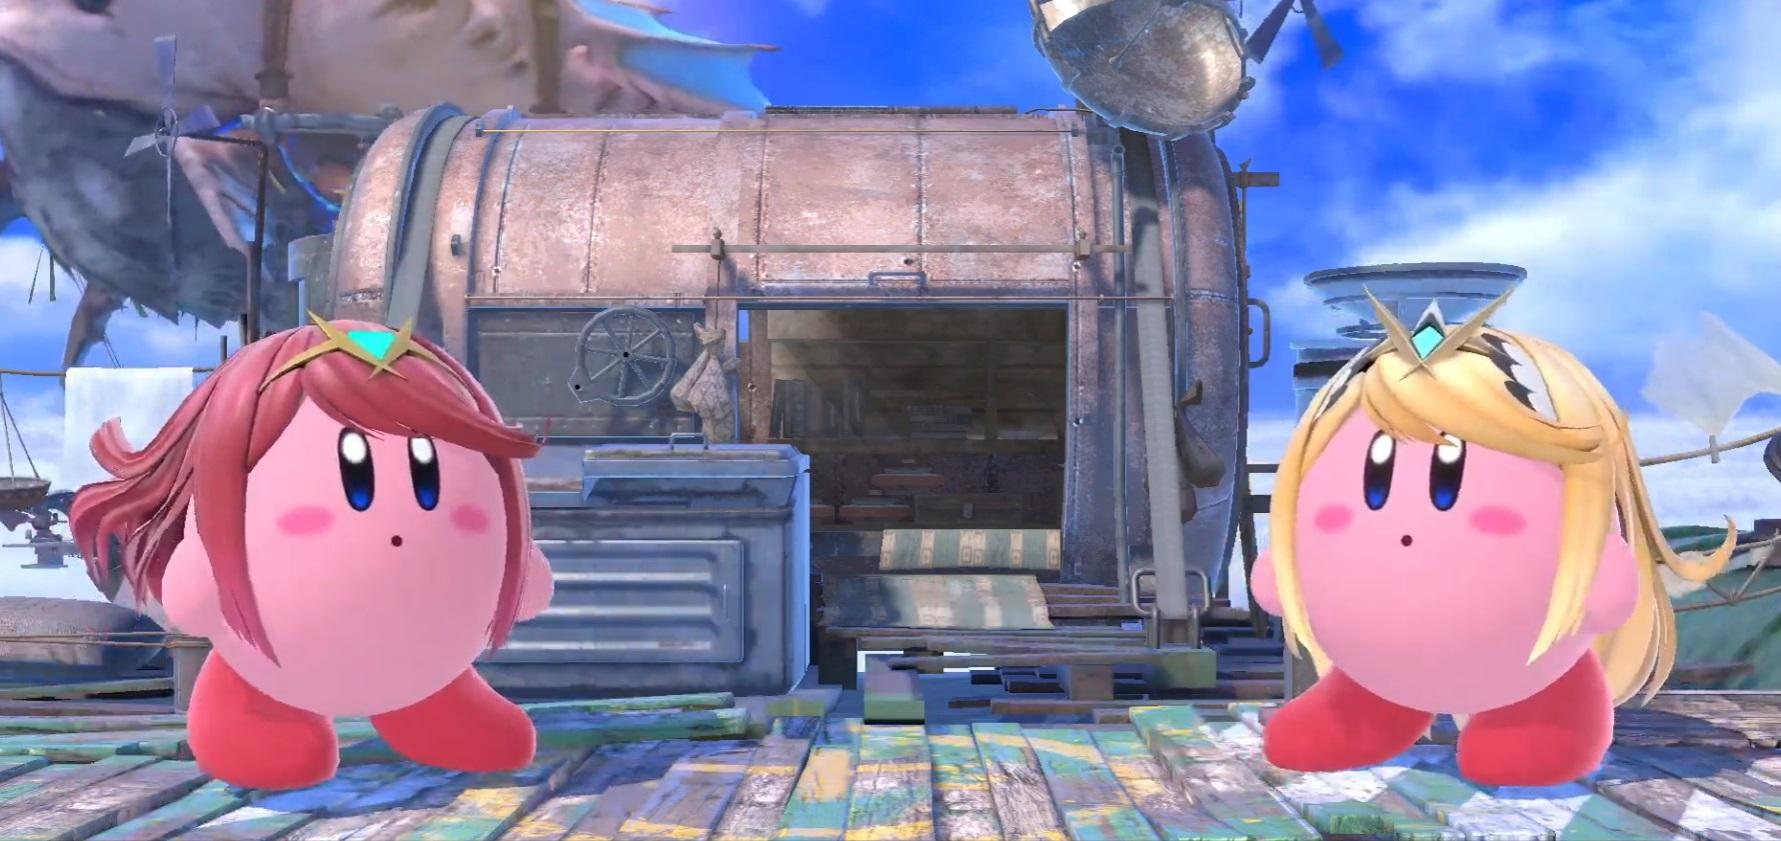 Sakurai gave us a closer look at Smash Ultimate's Pyra and Mythra today screenshot